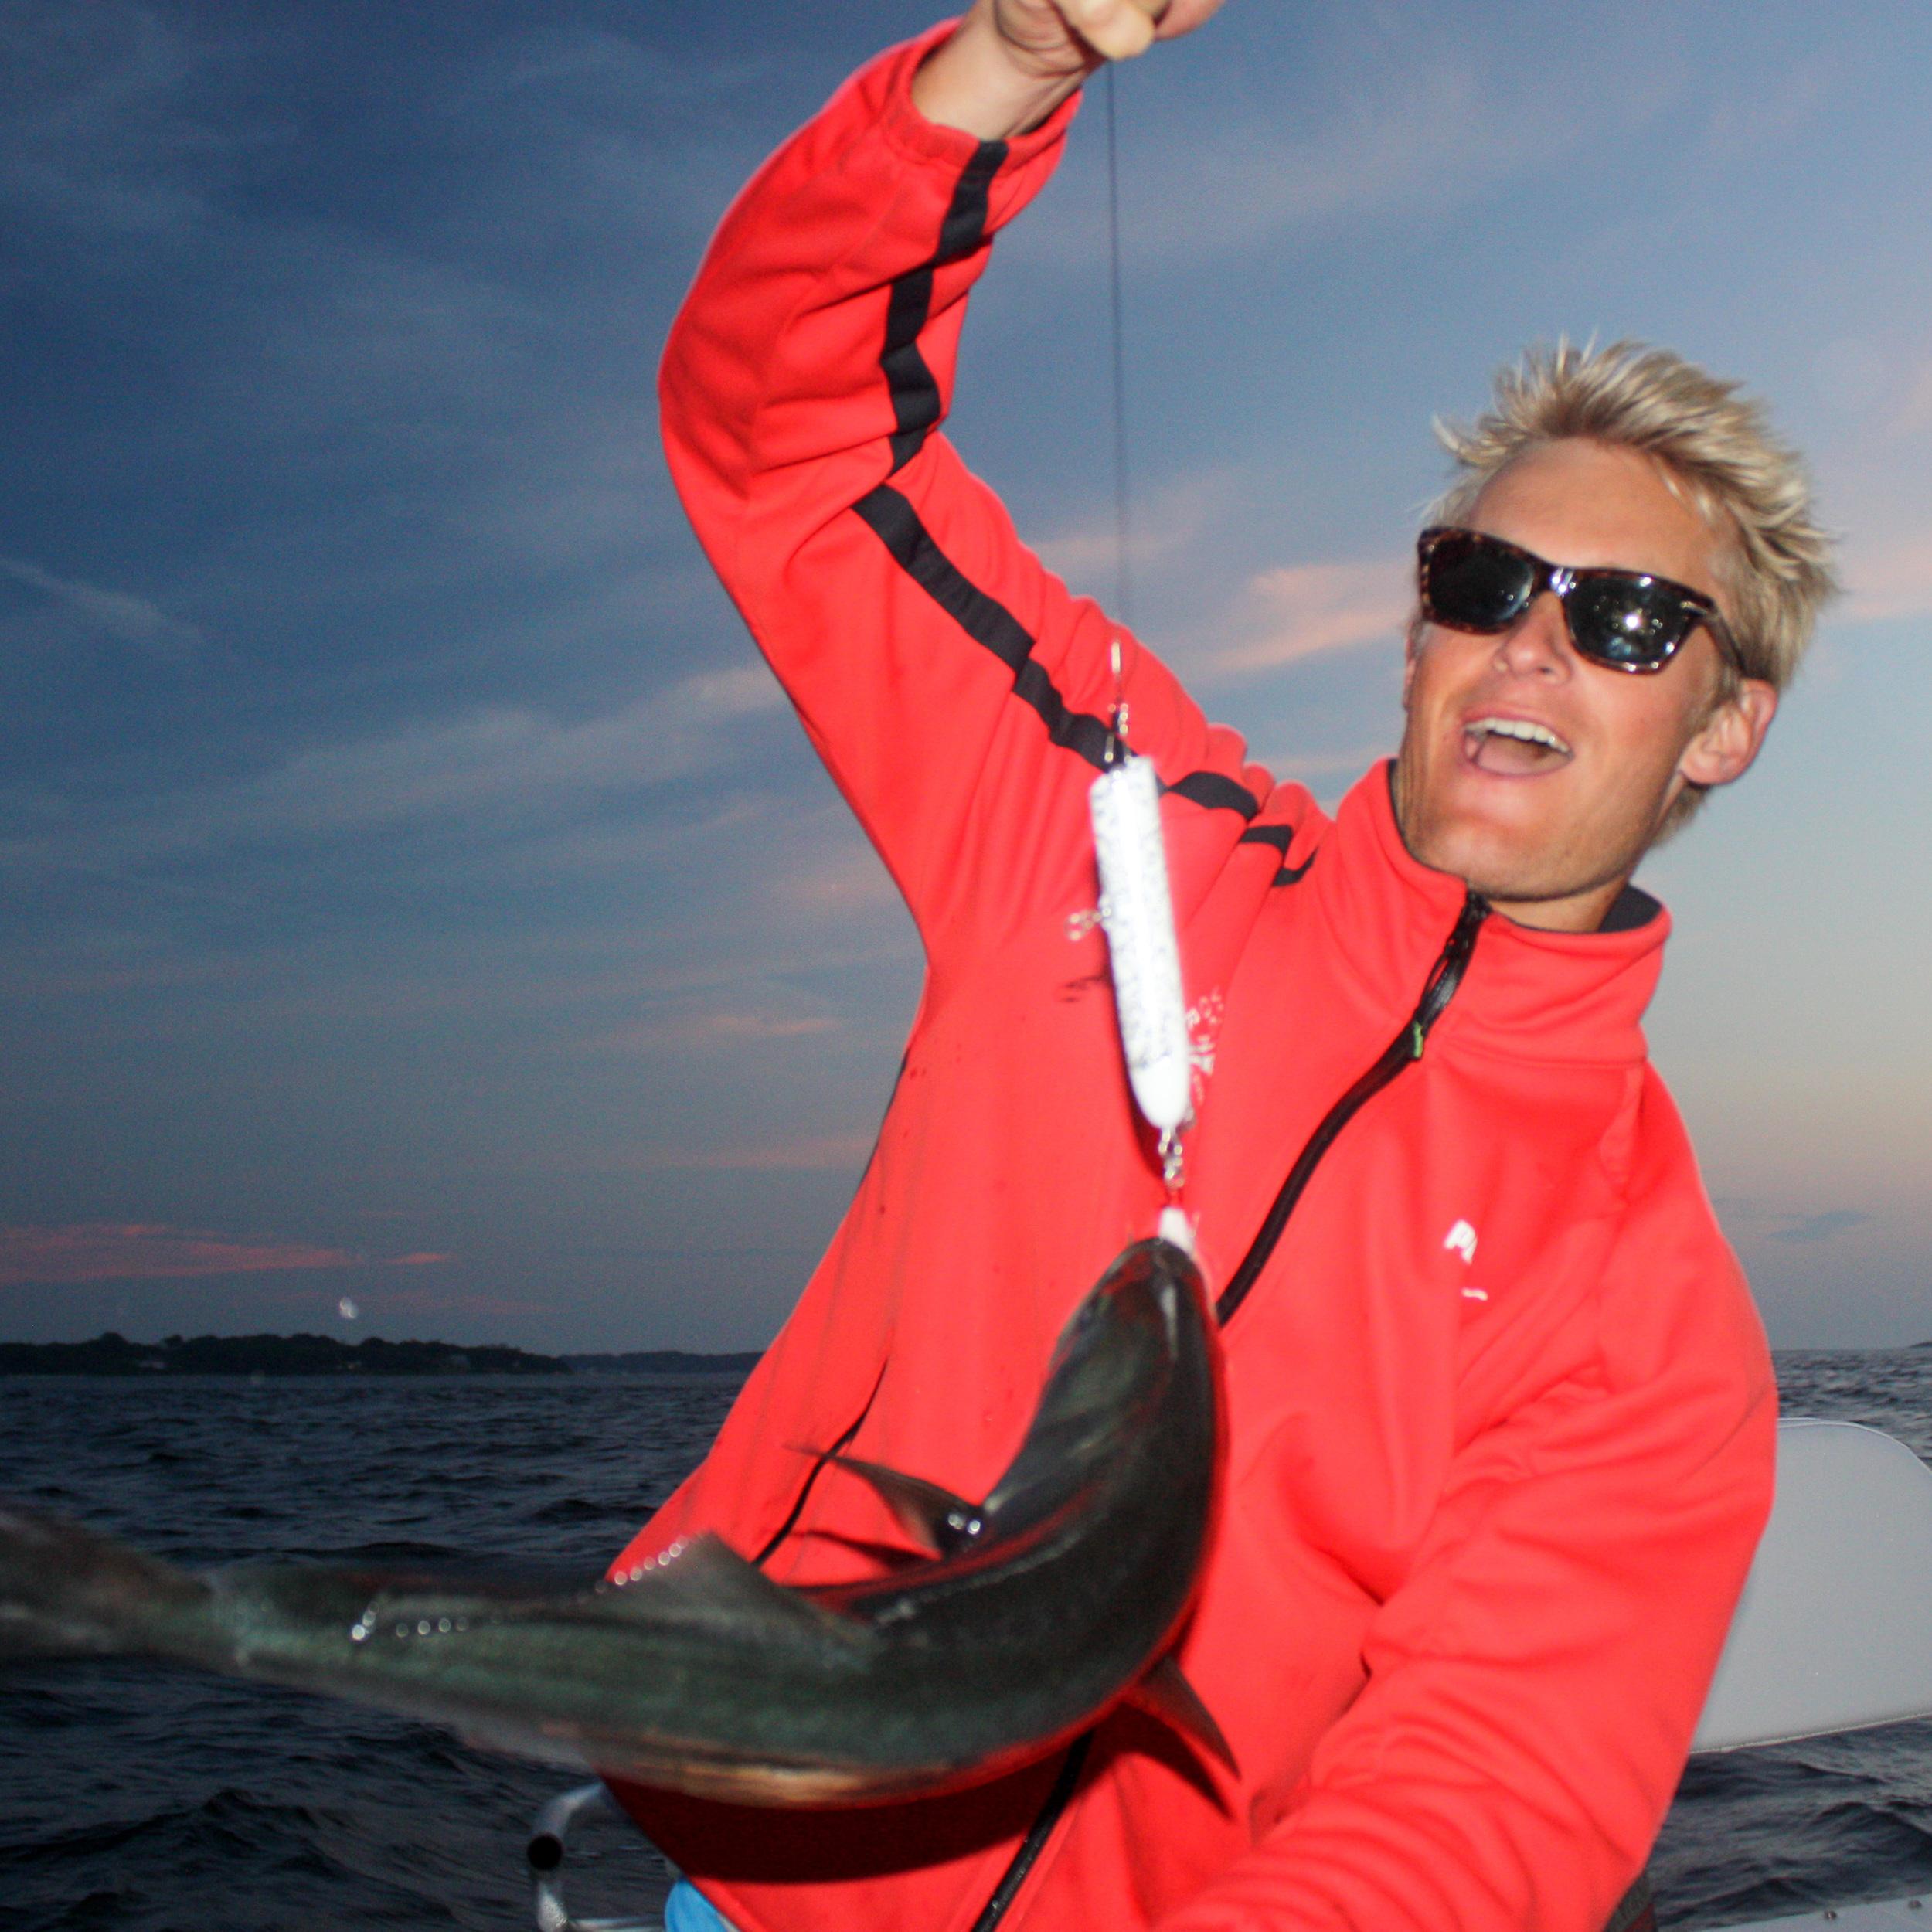 nick-fishing-alue-optics-six.jpg